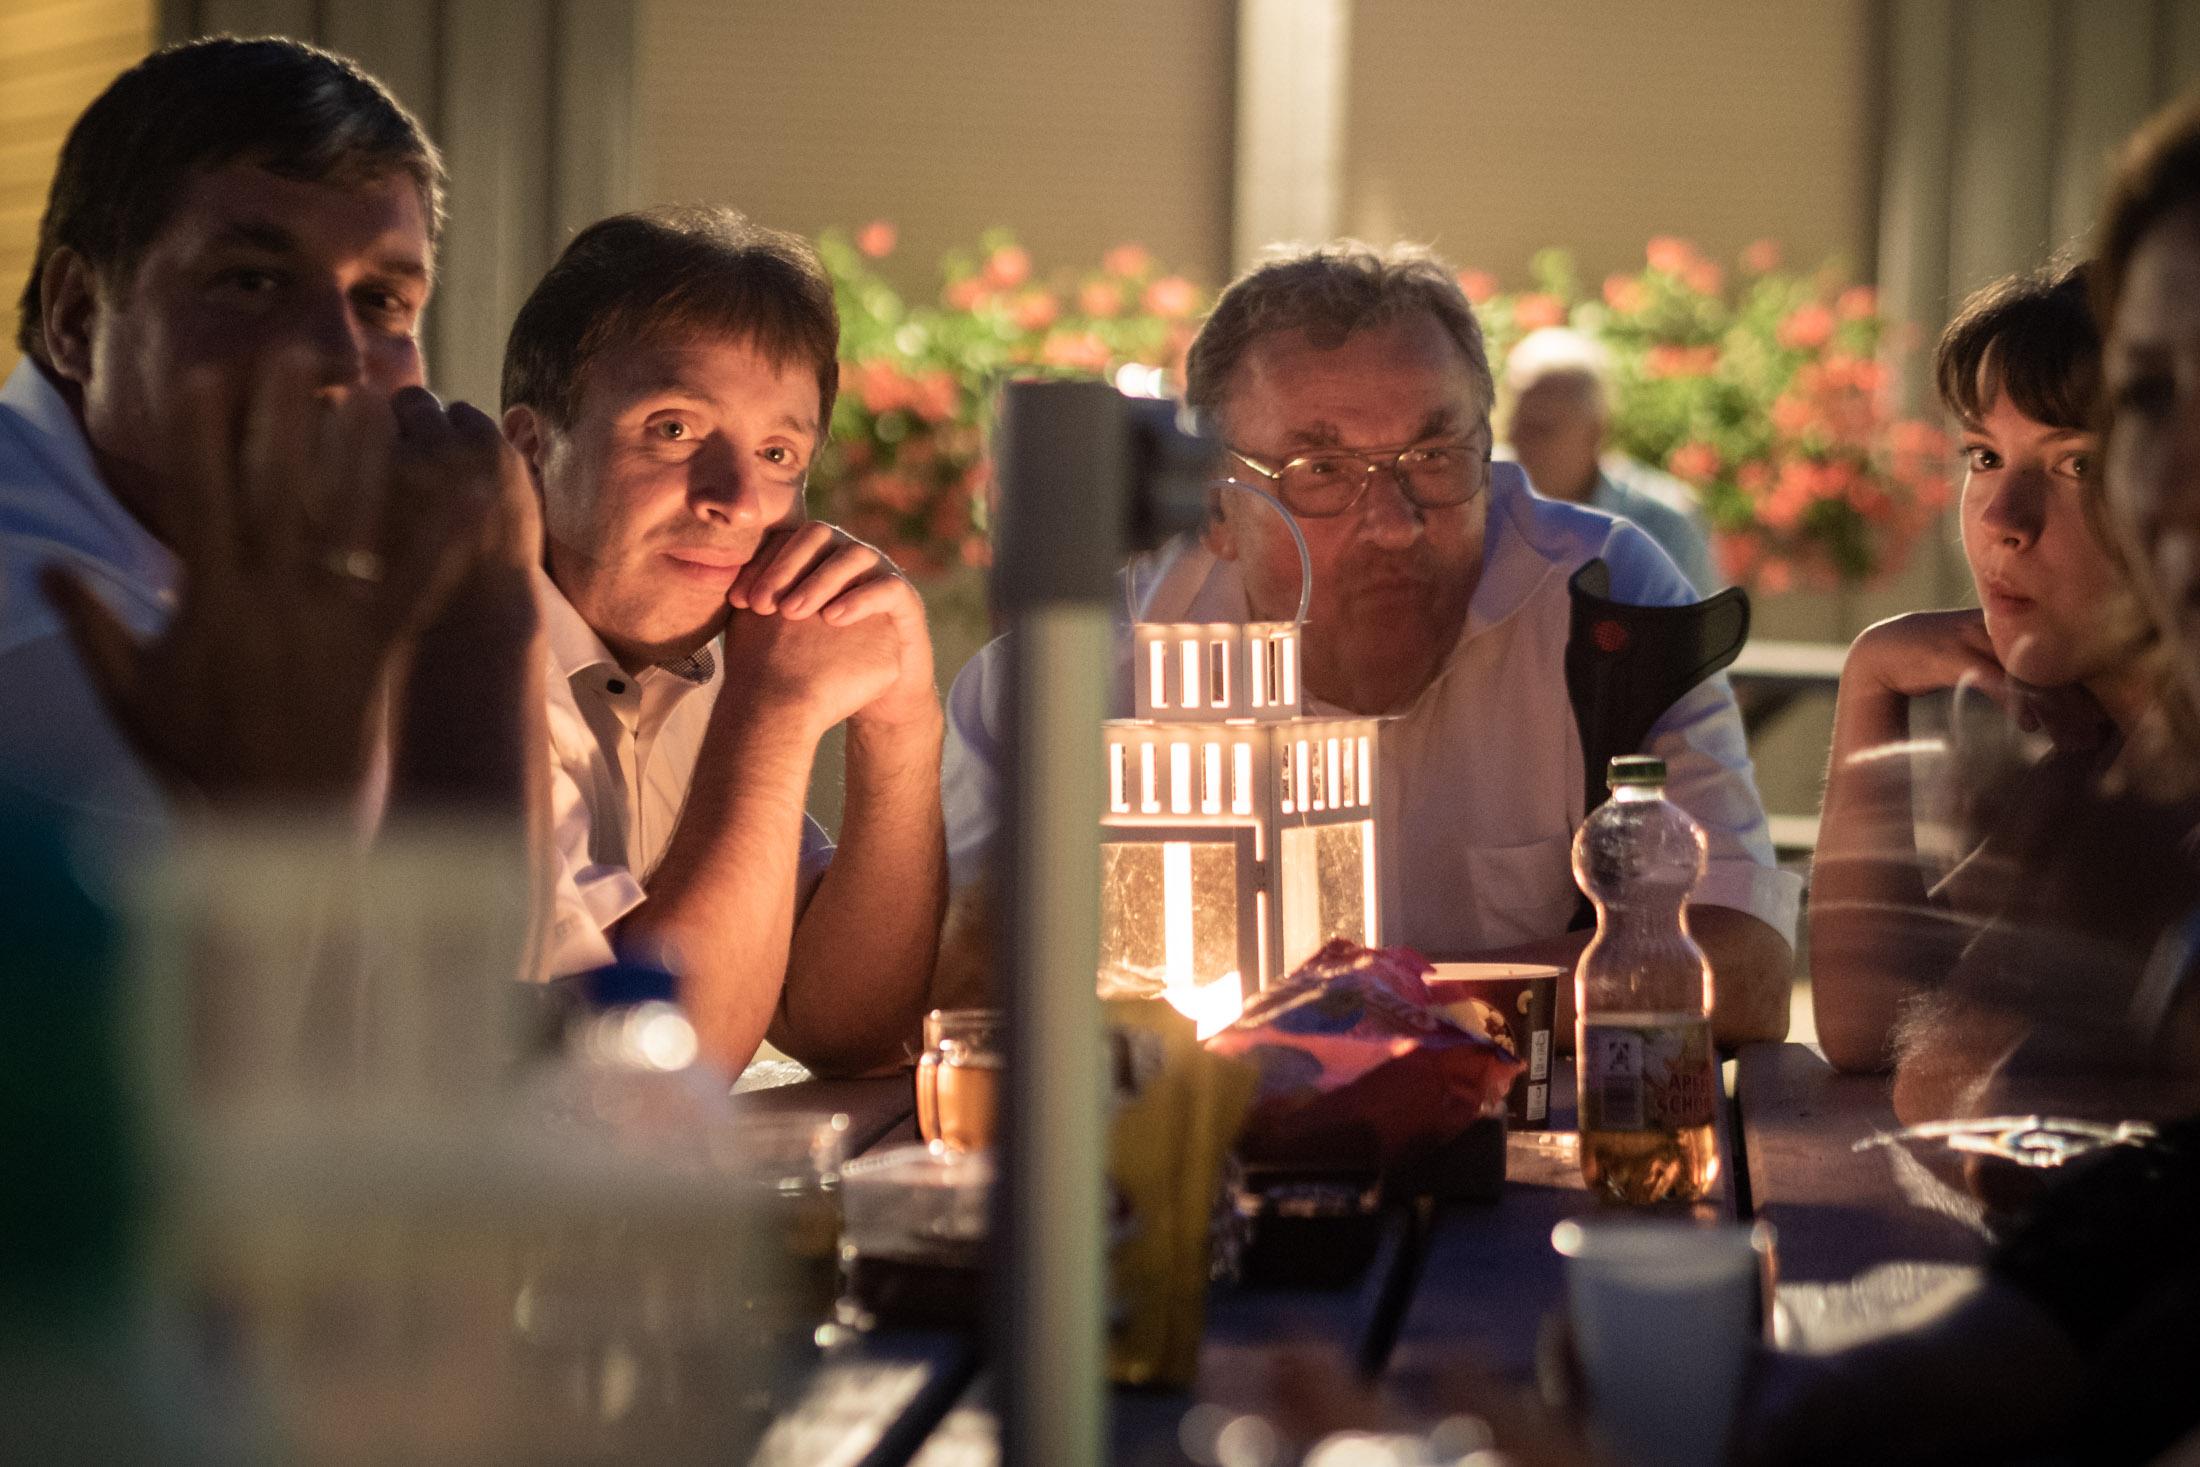 Die Kerzen Auf Den Tischen Kommen Immer Besser Zur Geltung